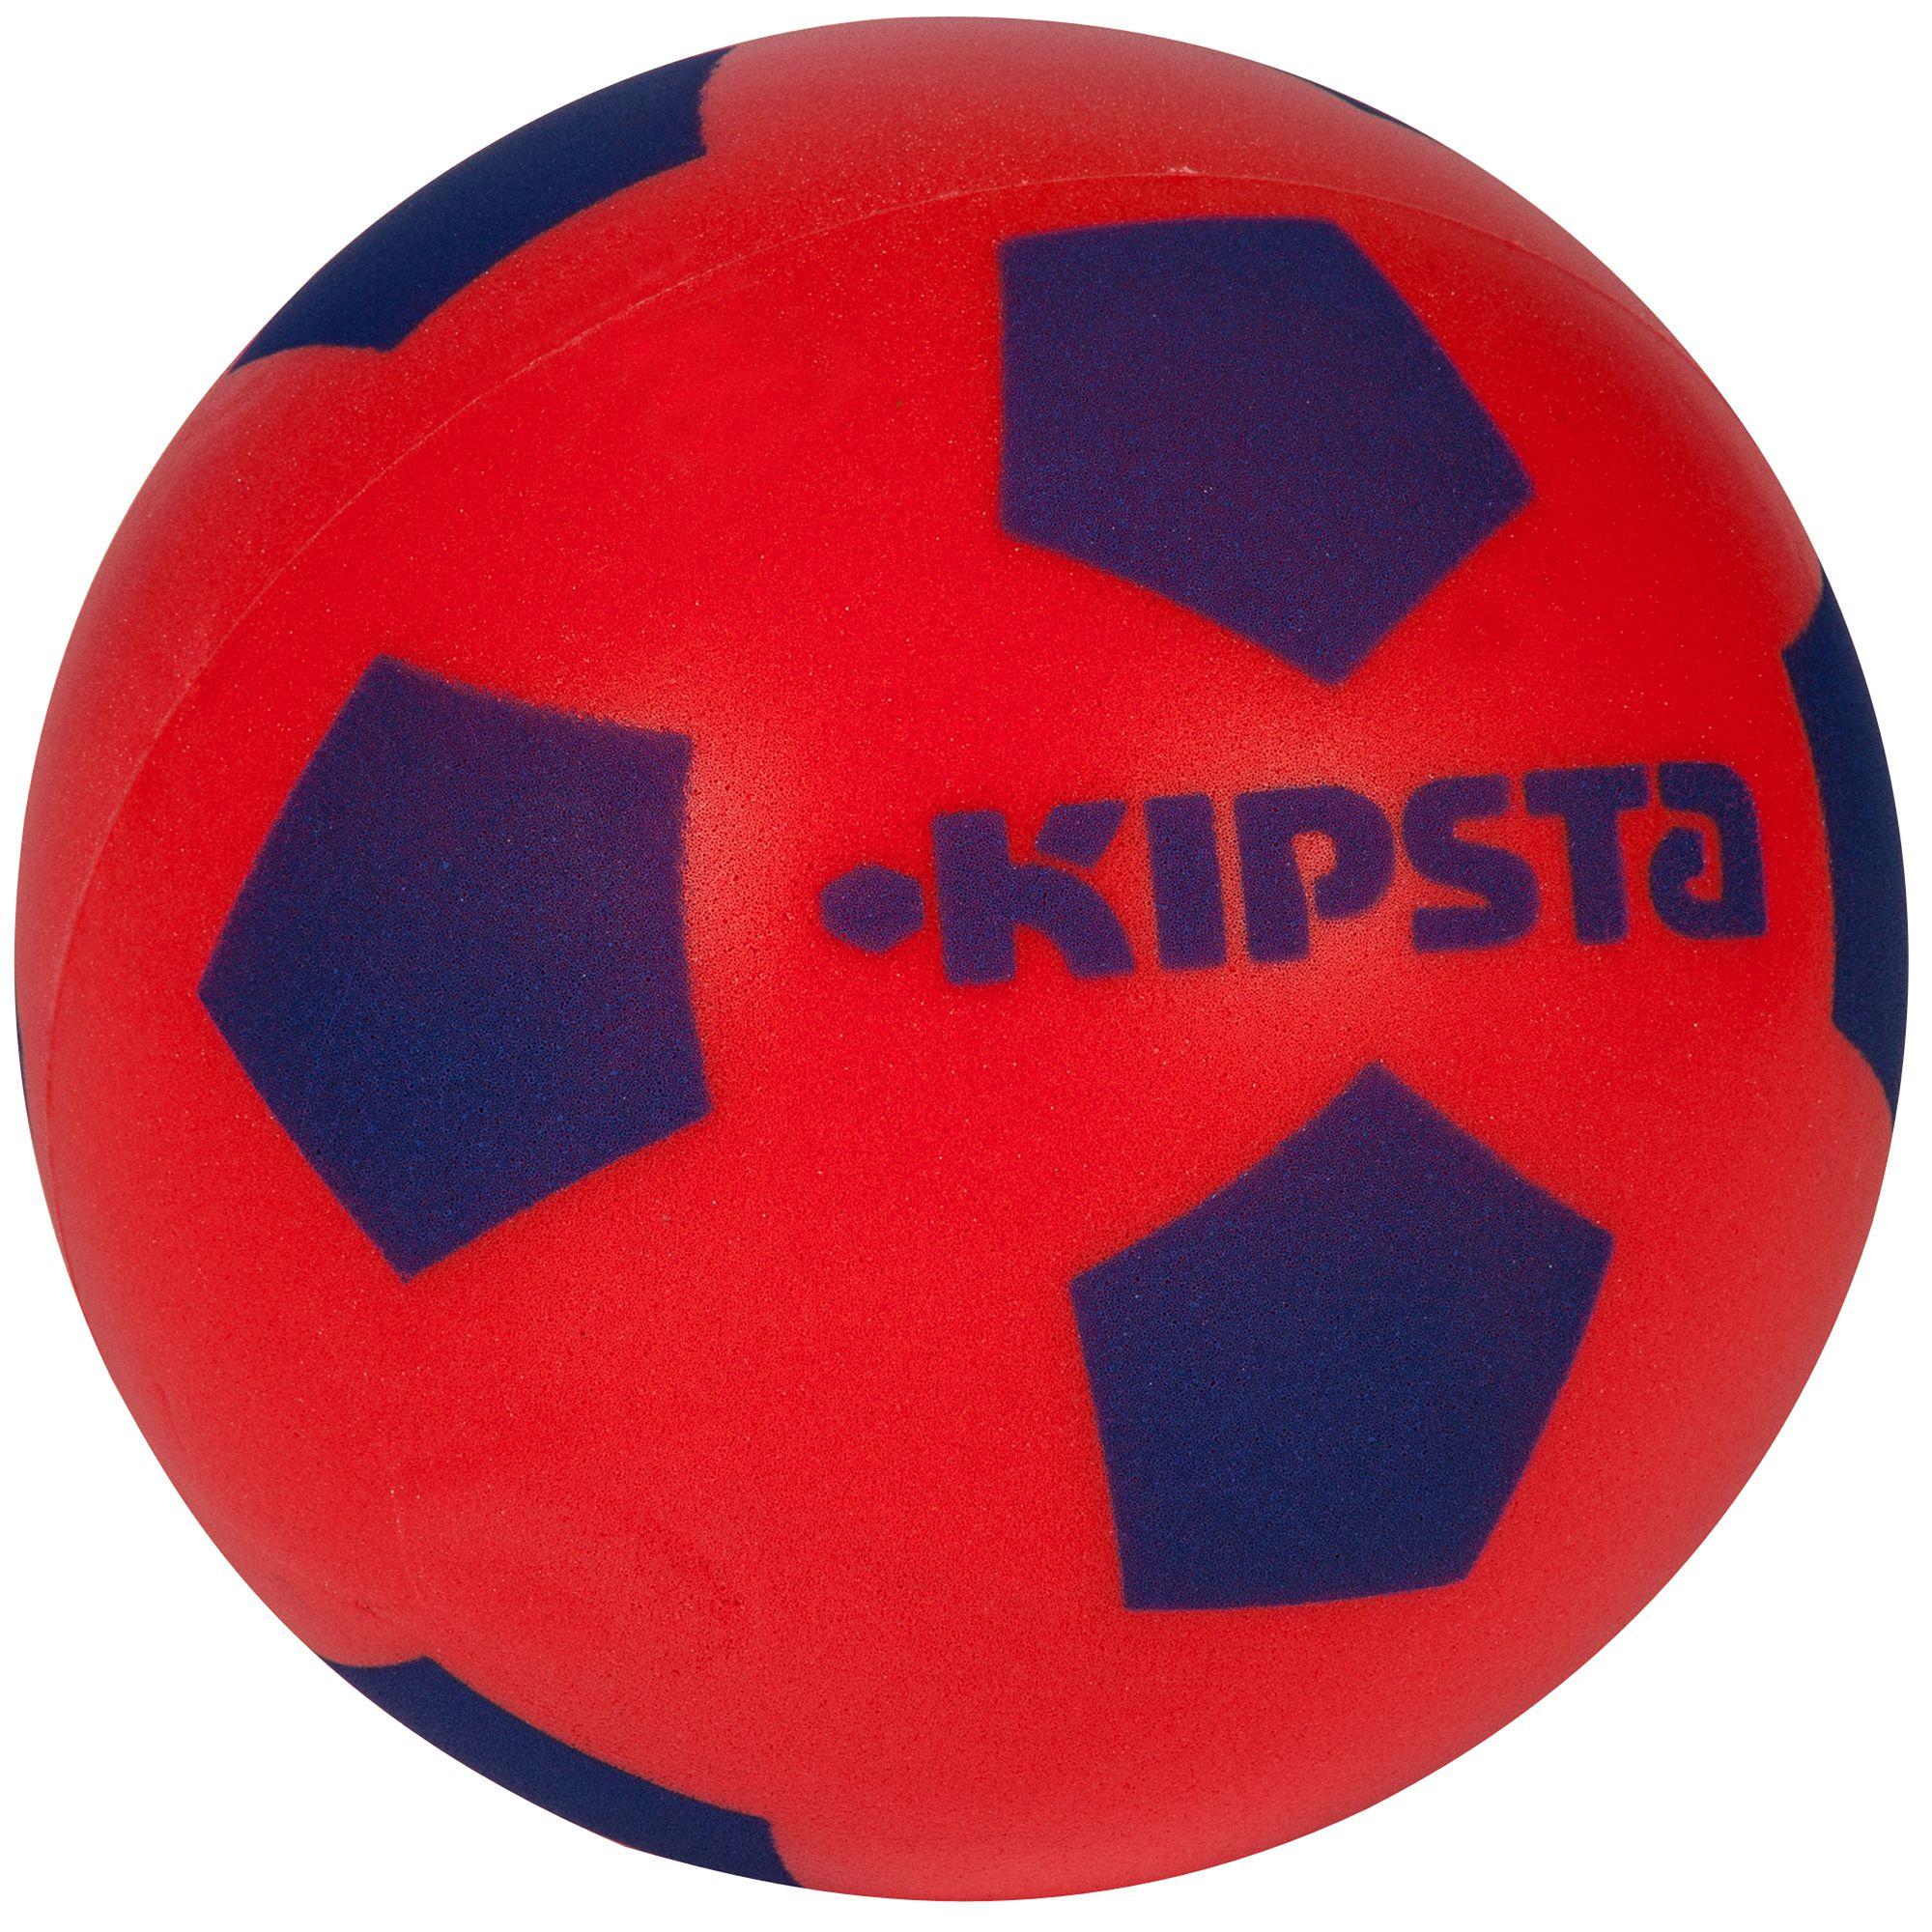 Ballon football Foam 300 taille 4 rouge bleu